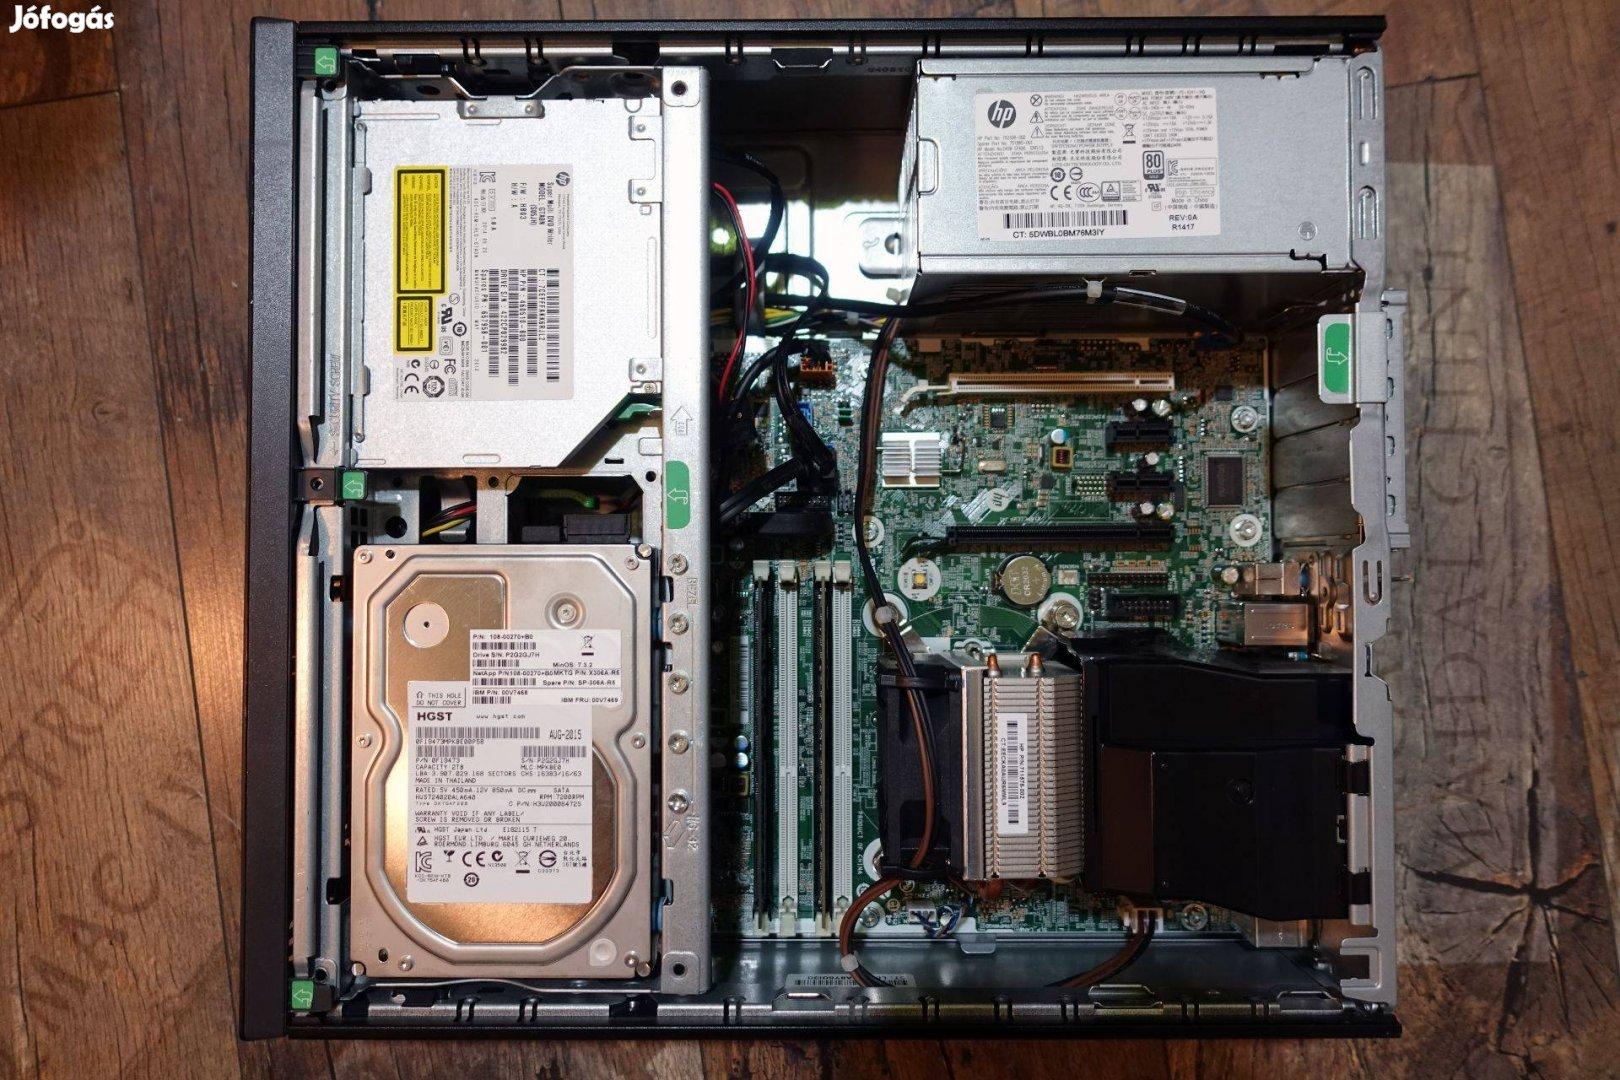 HP Elitedesk 800 G1 Sff - i5-4570 / 8GB DDR3 / 1TB HDD / Intel HD 460